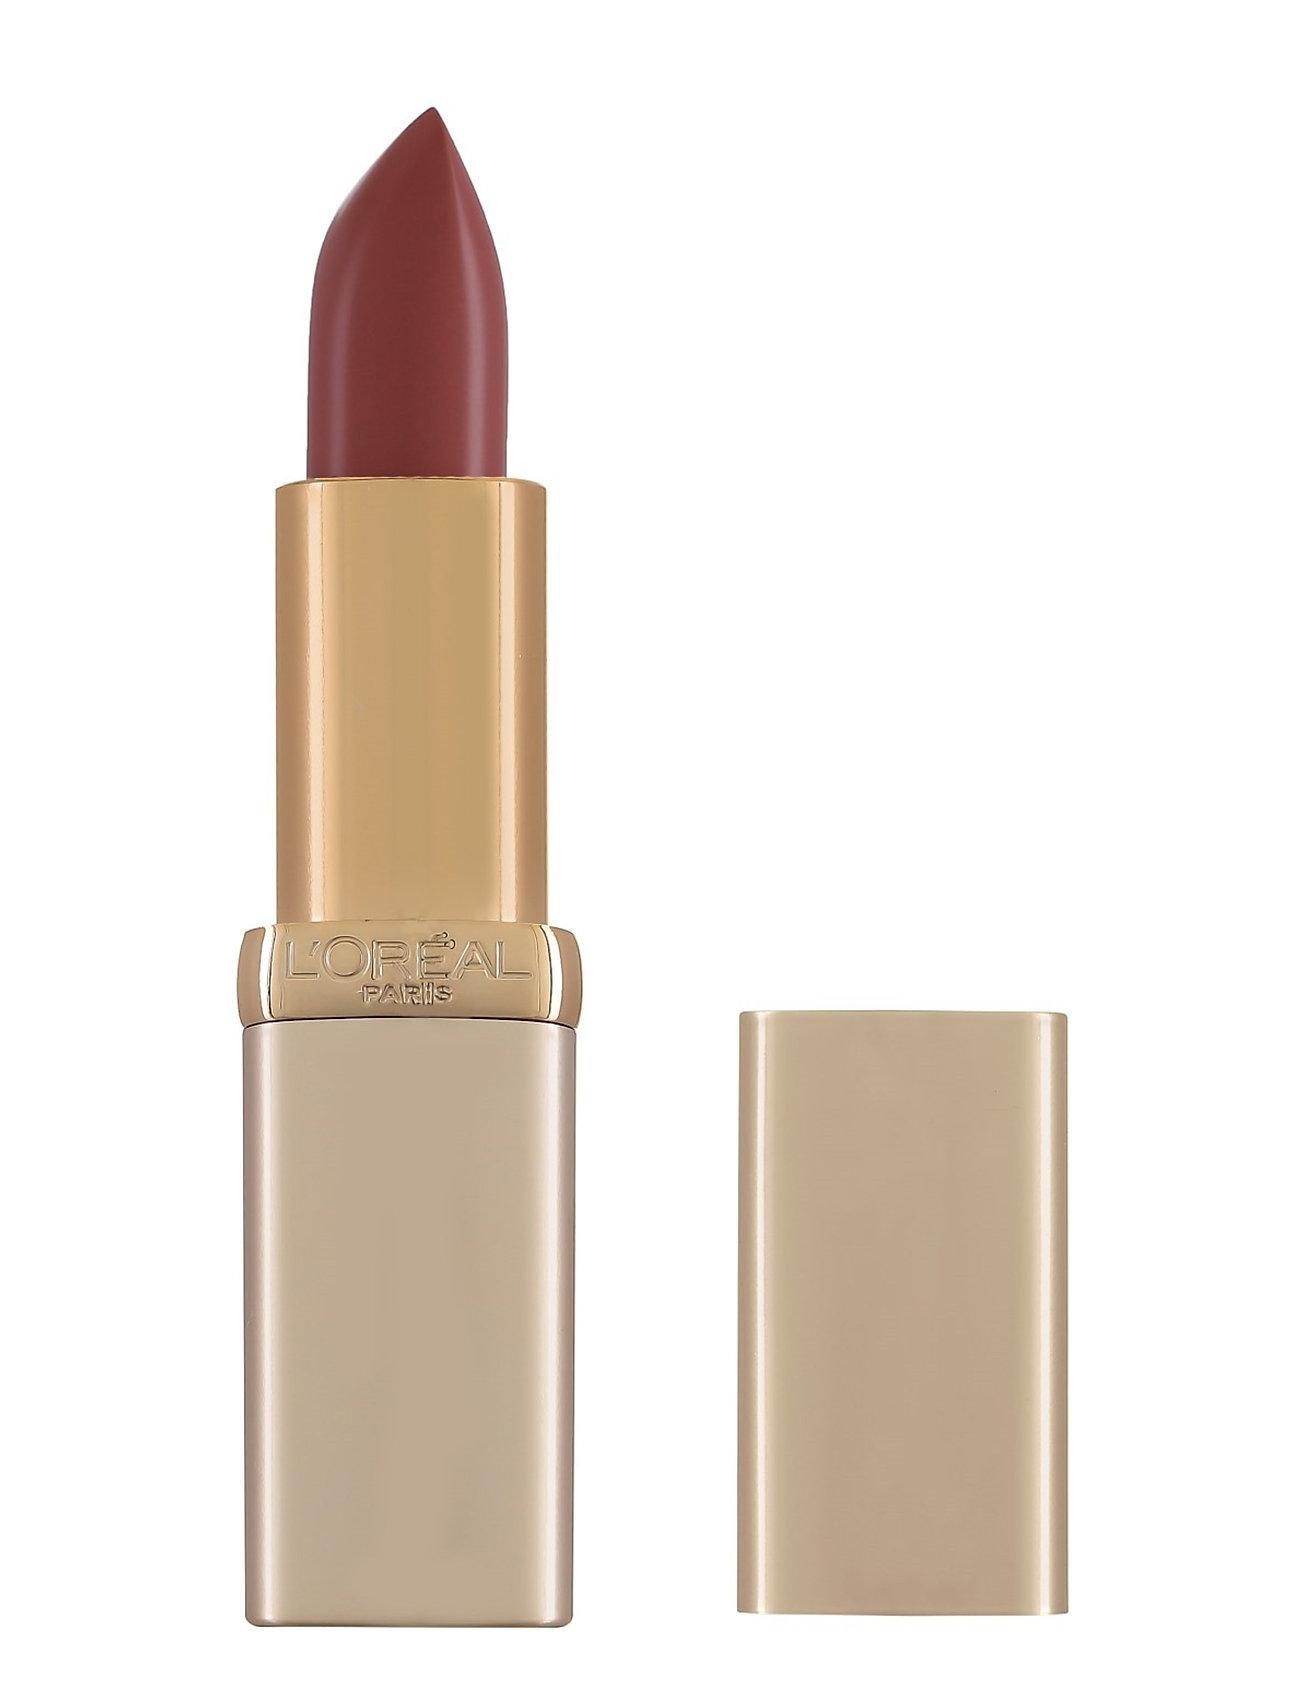 l'orã©al paris Color riche lipstick fra boozt.com dk